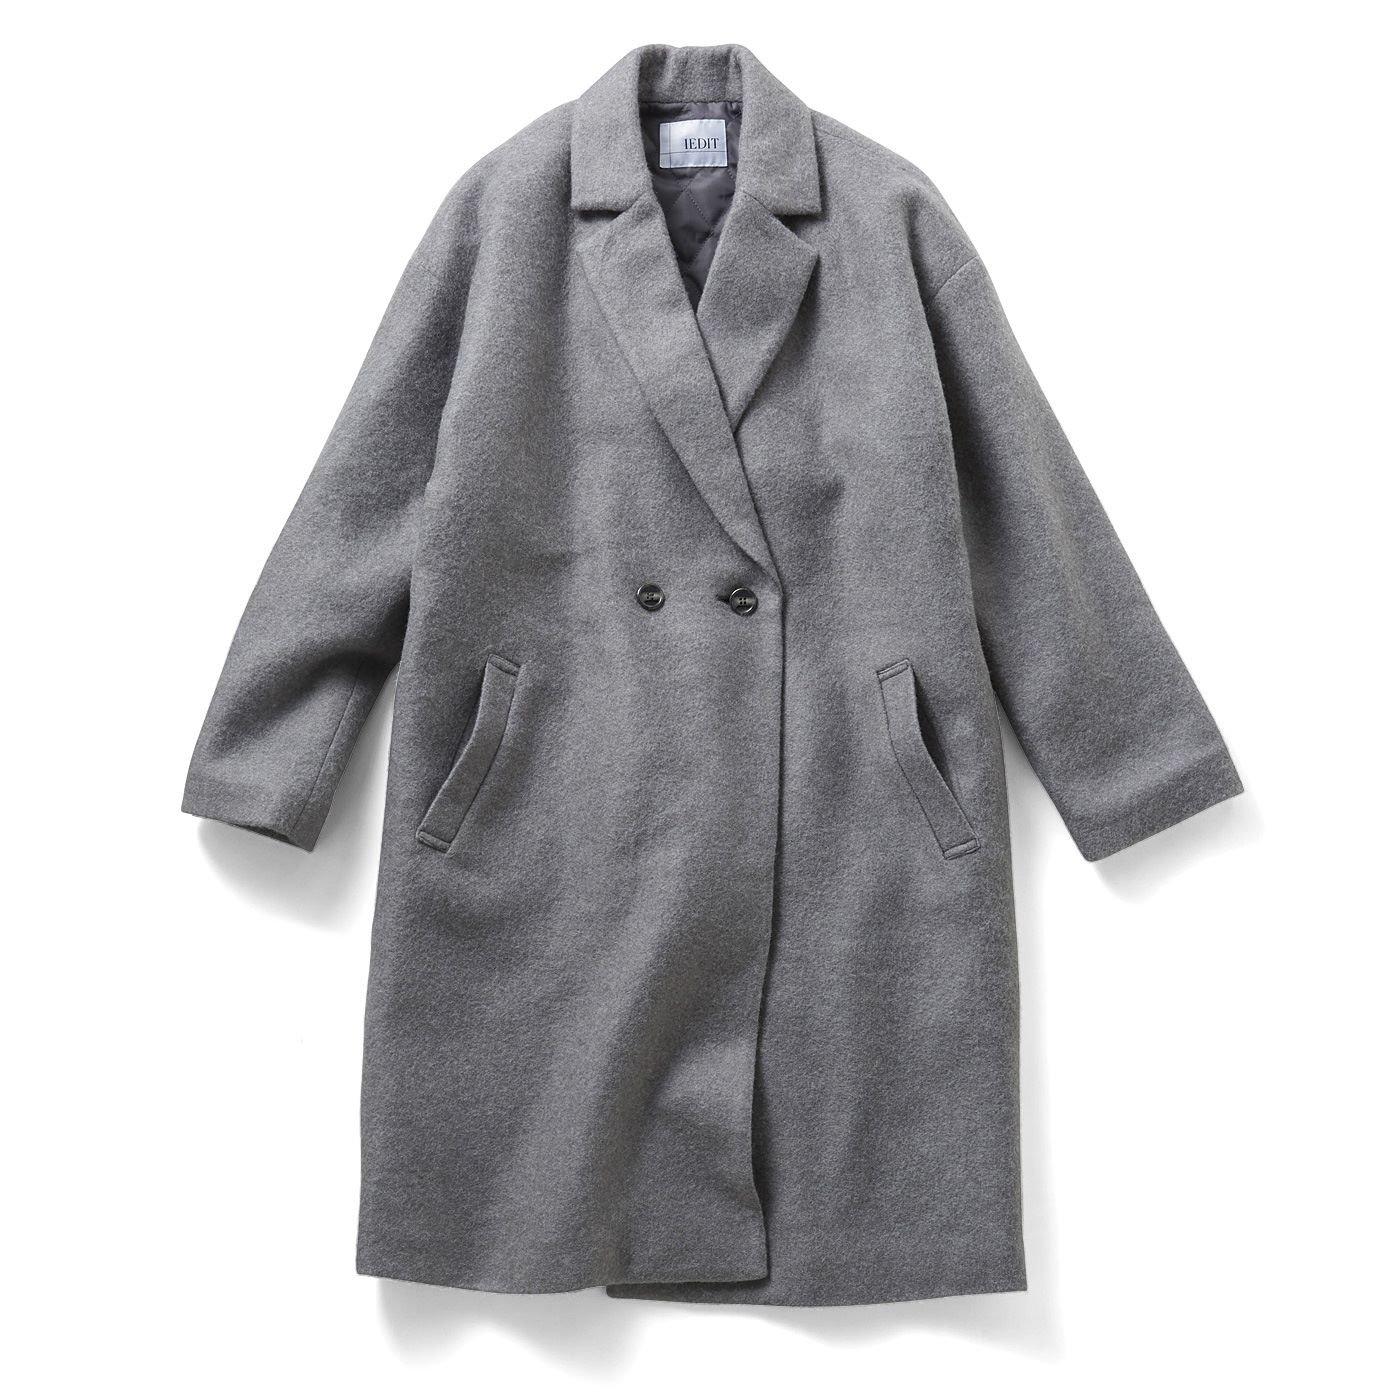 IEDIT 通勤コートの新定番! 中わたキルティング裏地付きのふんわり軽いチェスターコート〈ベーシックグレー〉